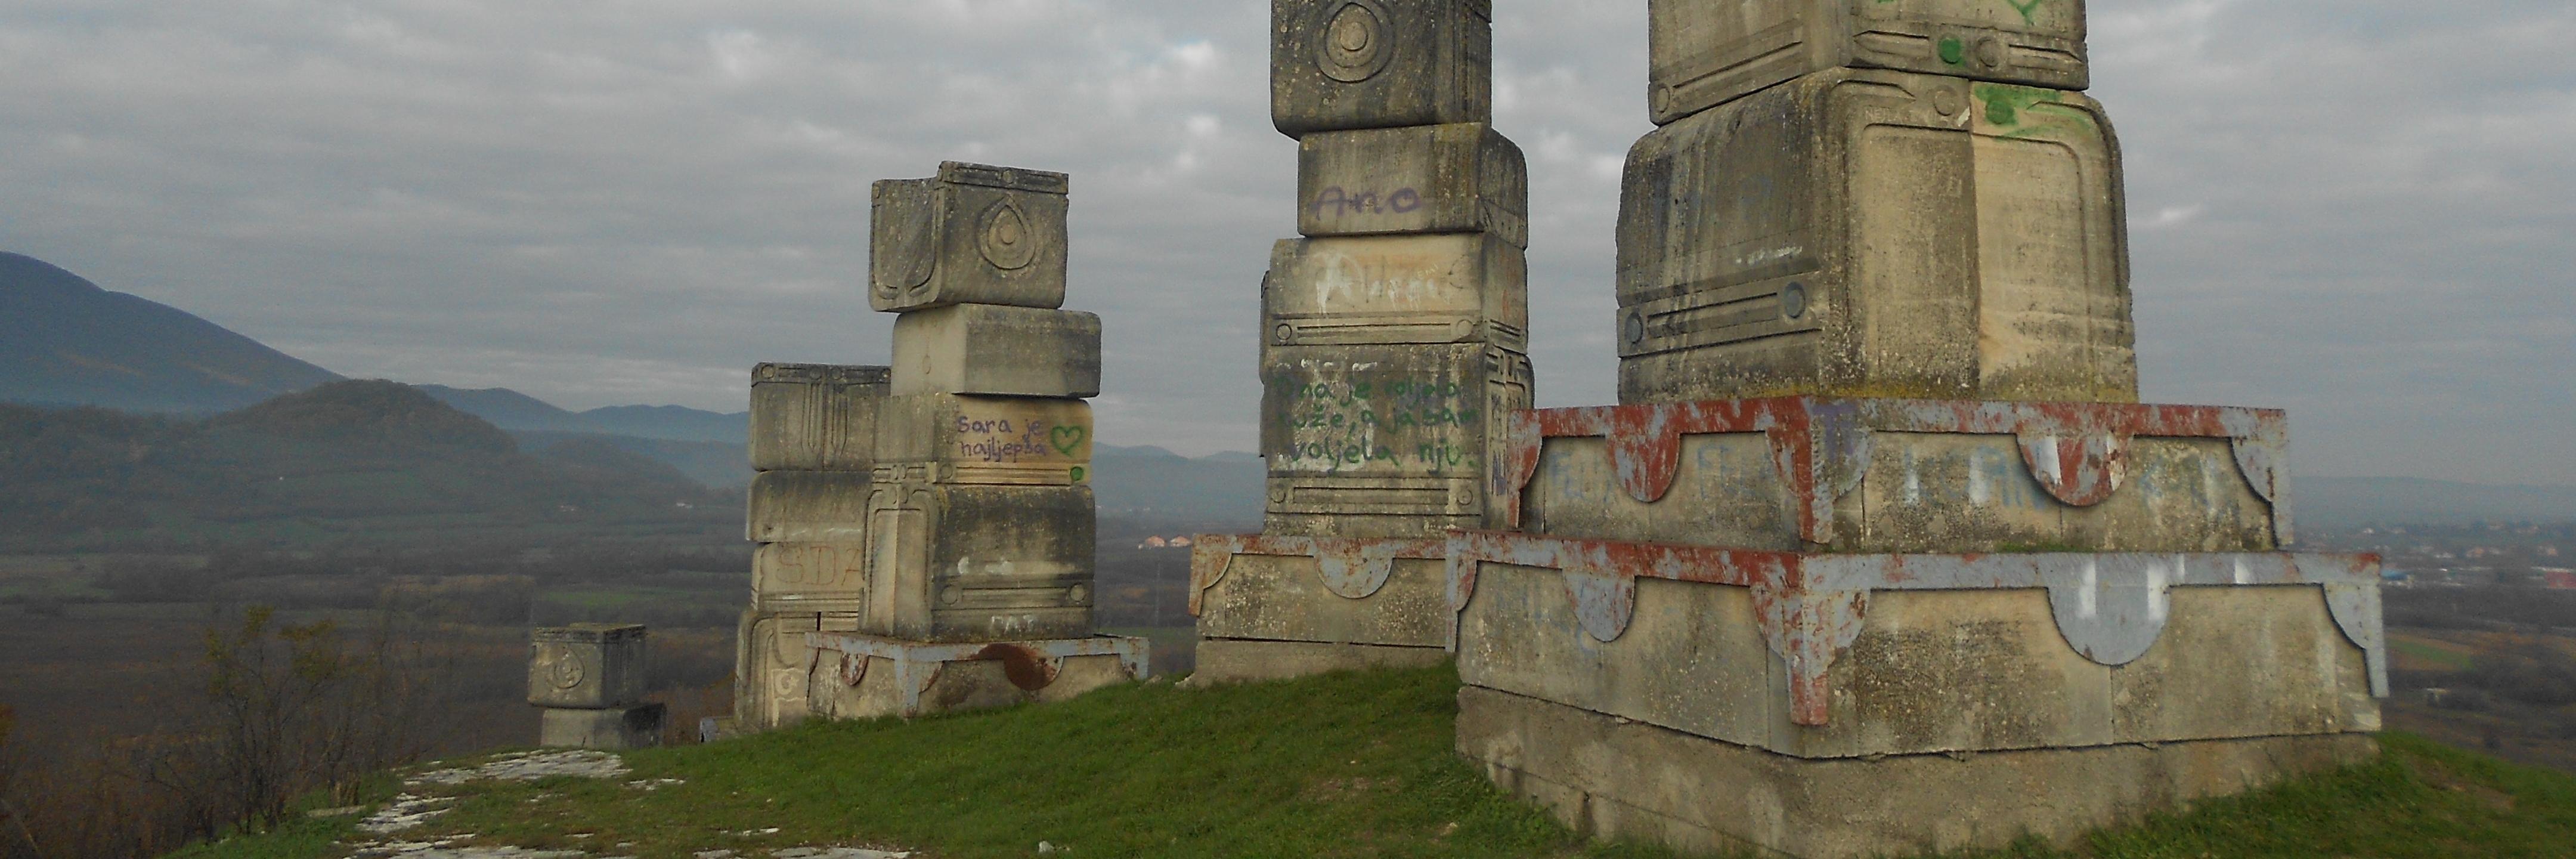 Мемориал Гаравице